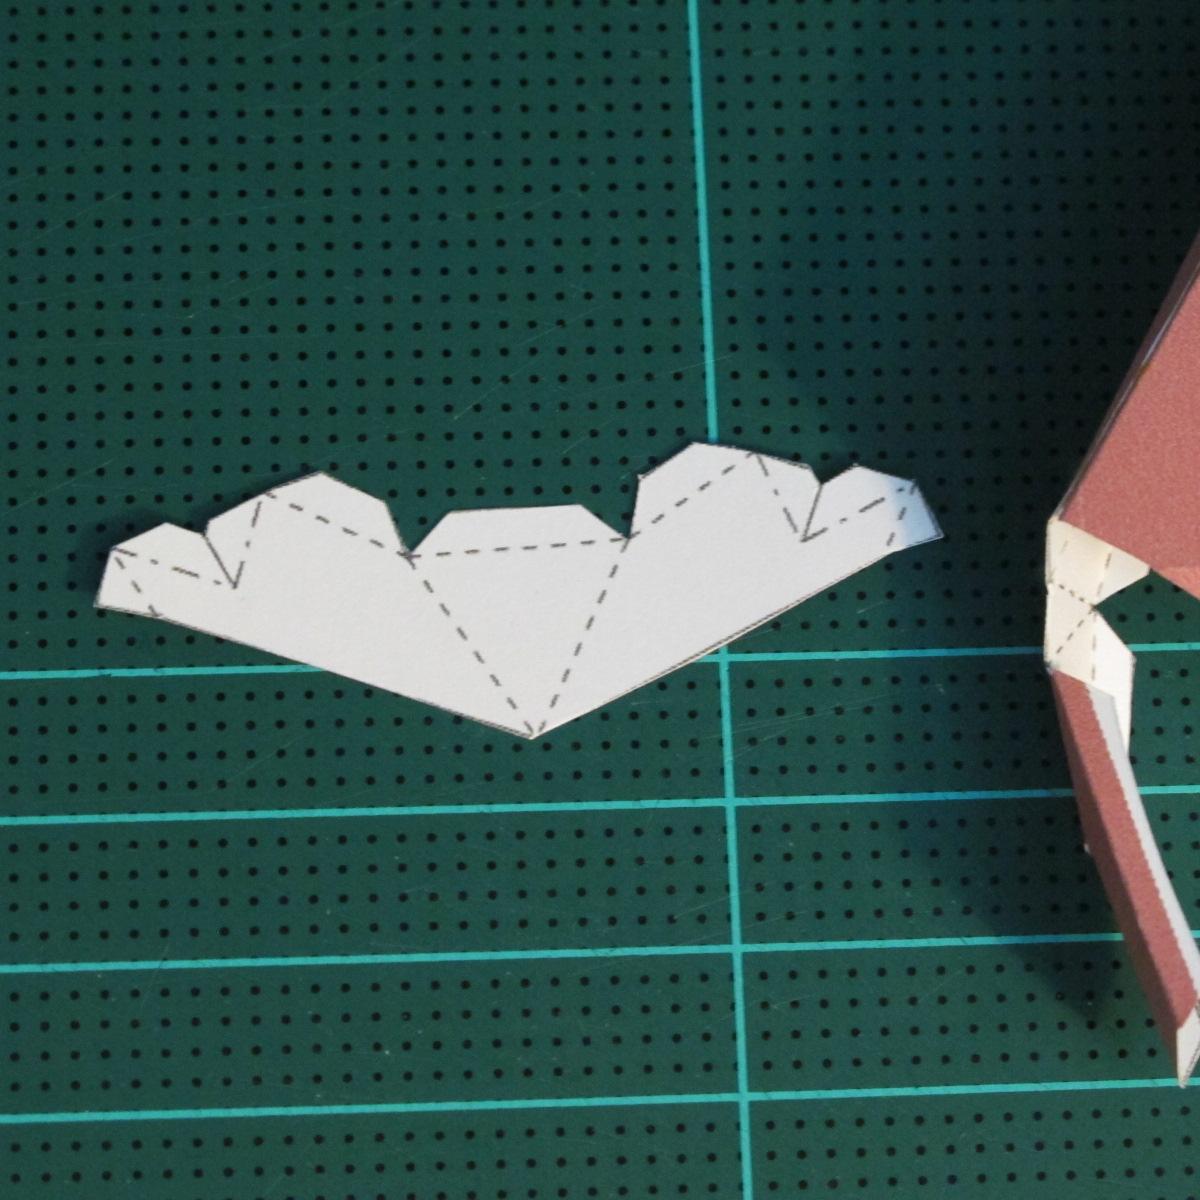 วิธีทำโมเดลกระดาษเรขาคณิตรูปกระต่าย (Rabbit Geometric Papercraft Model) 008